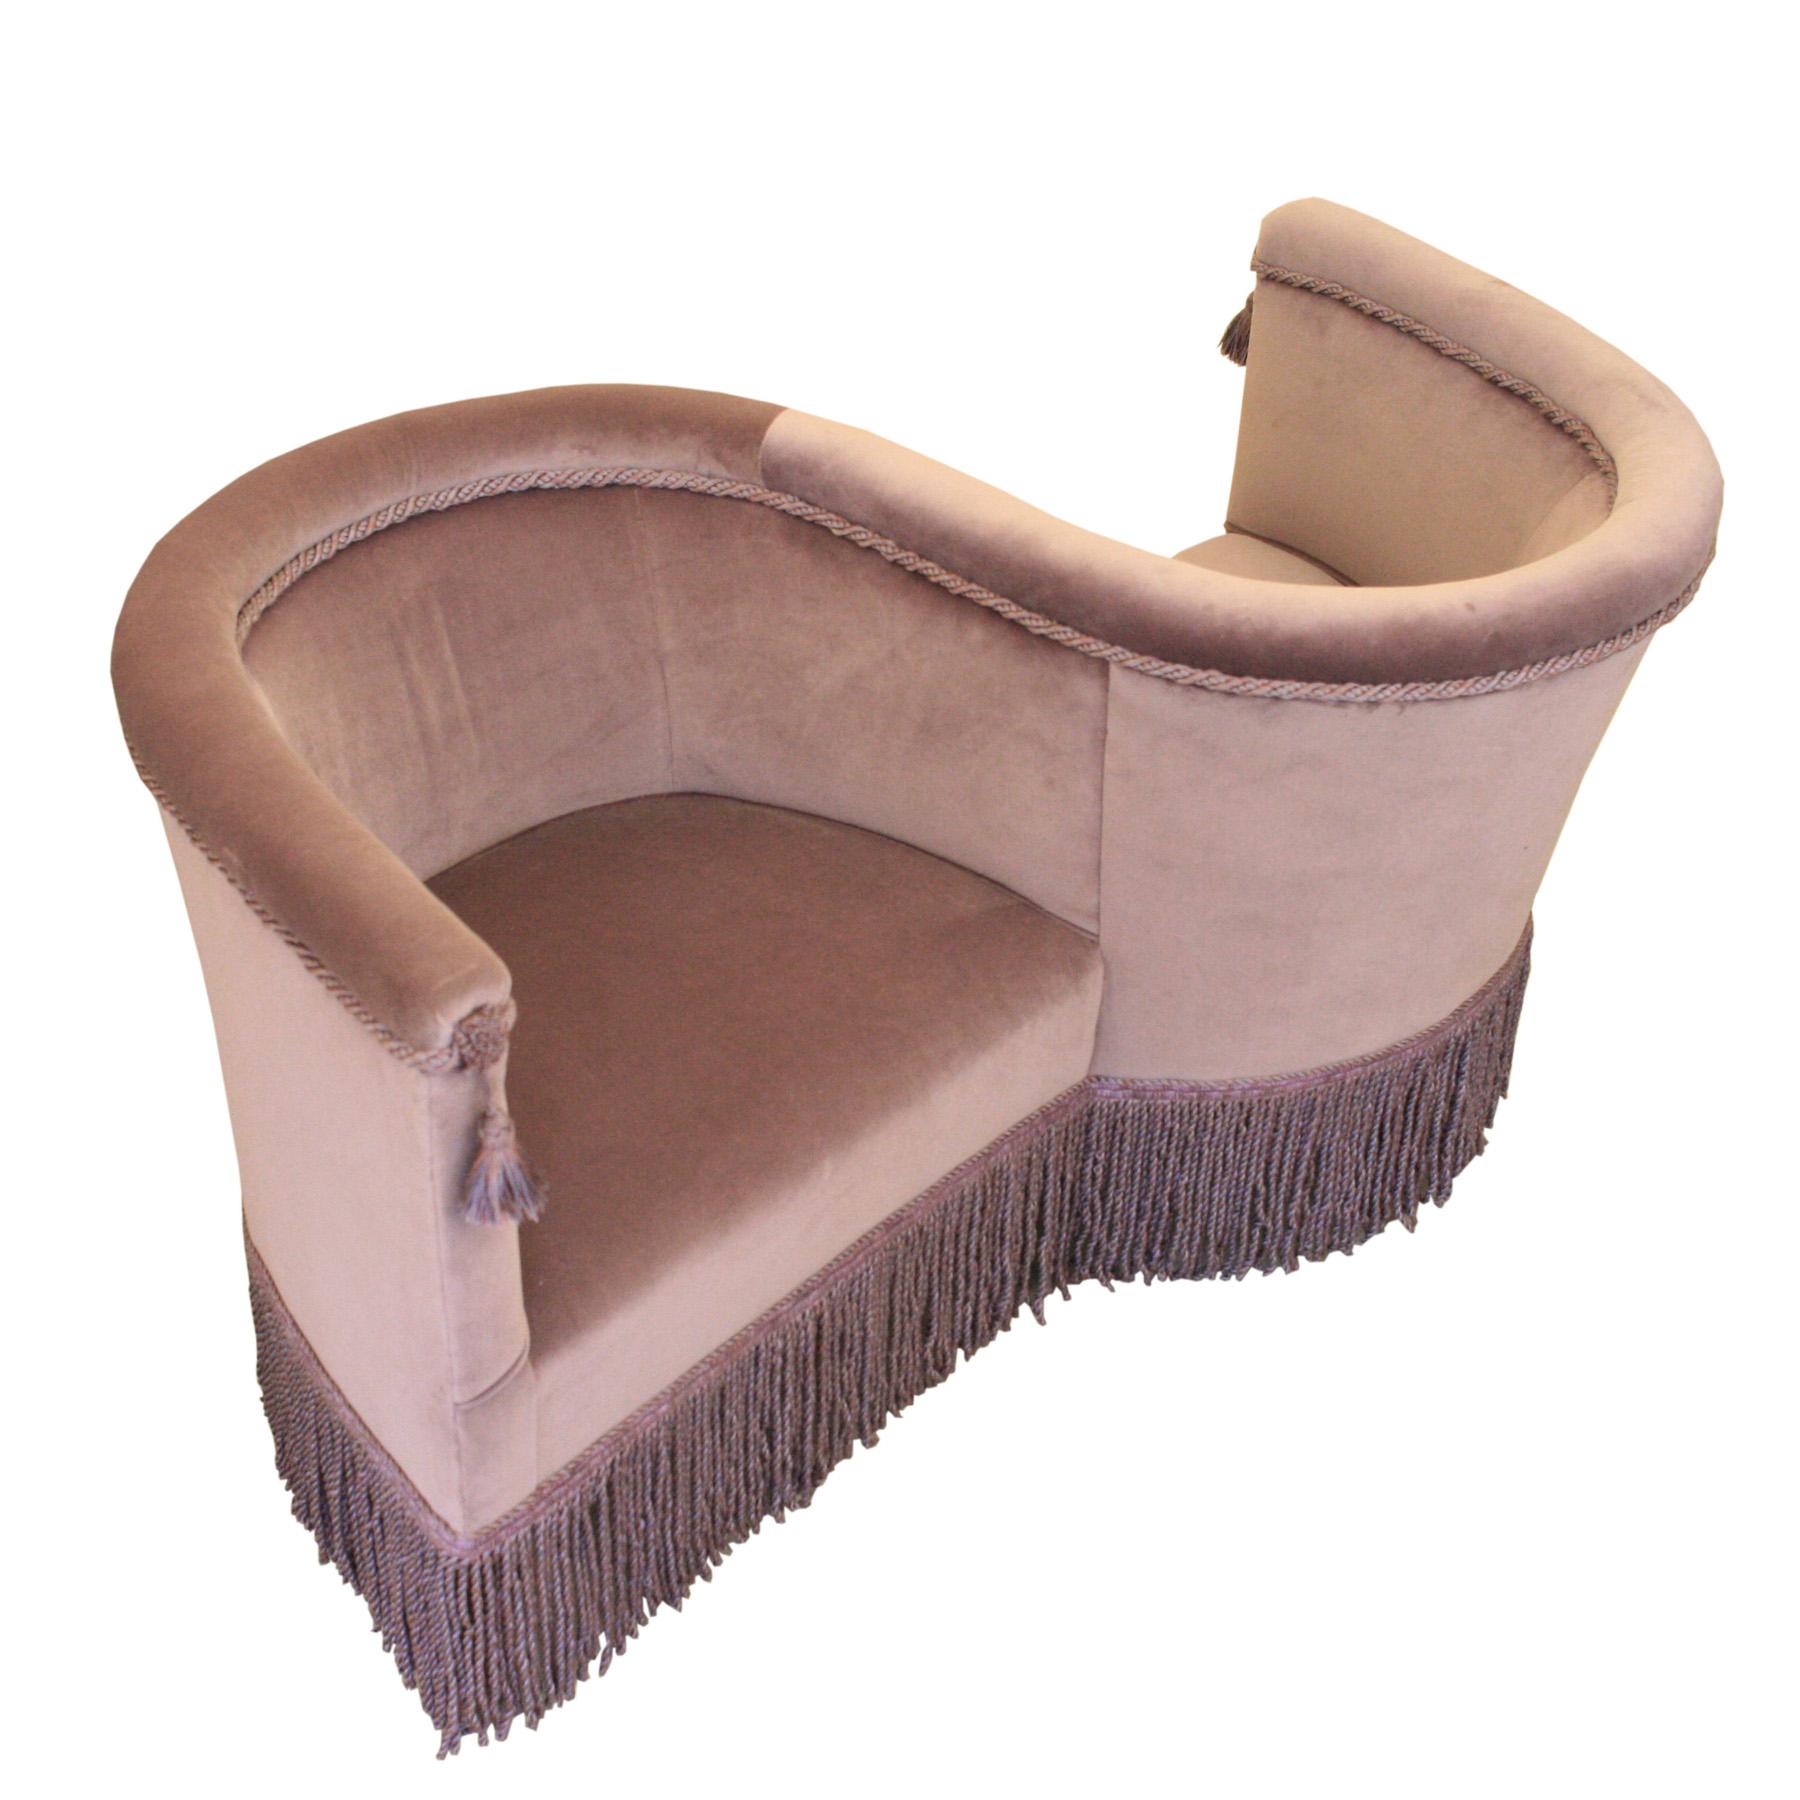 love chair by vincenzo menegatti  modernism - love chair by vincenzo menegatti